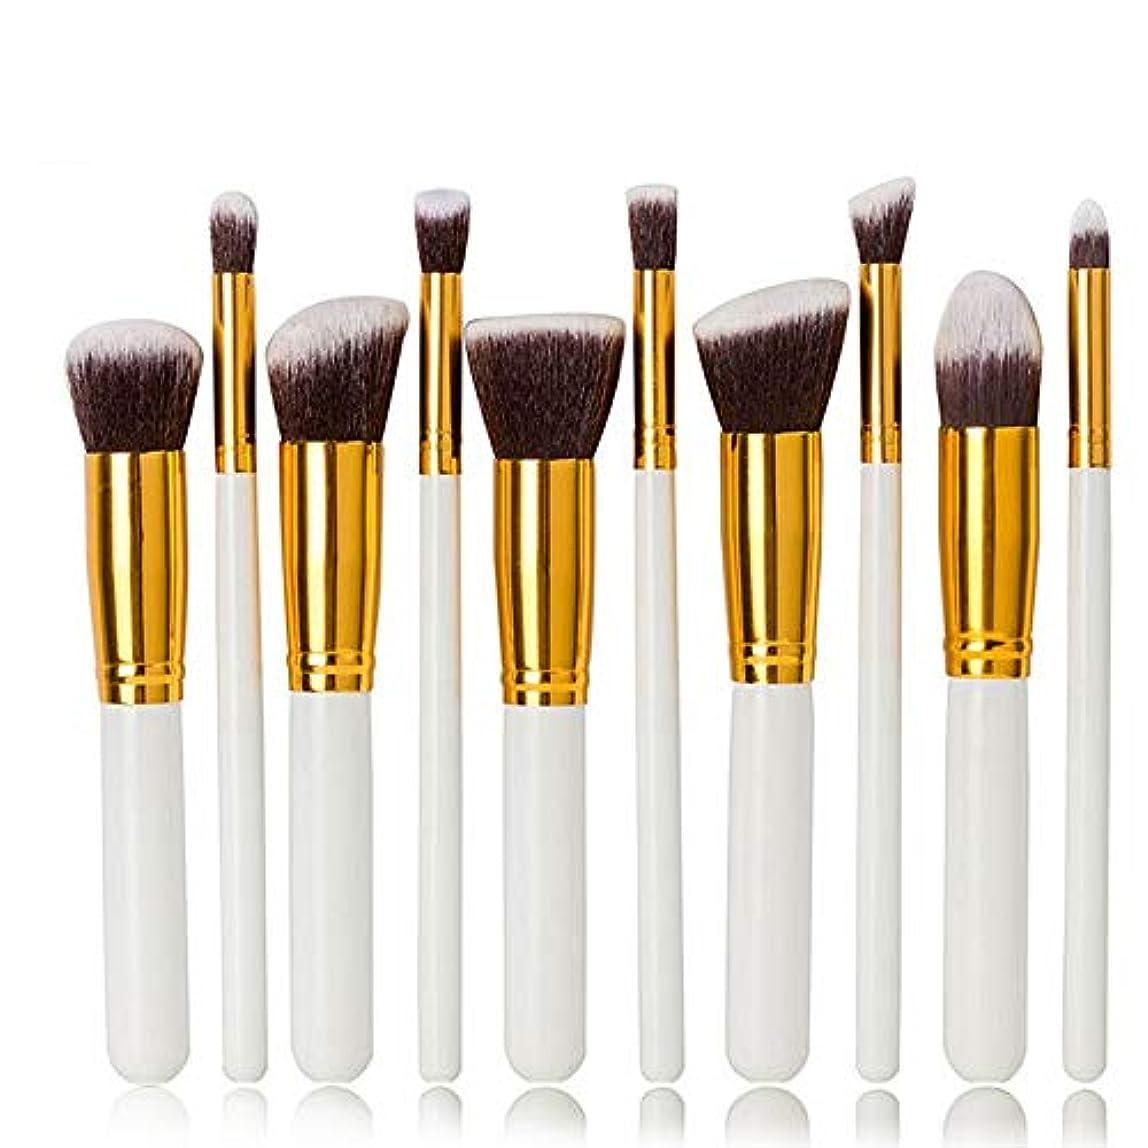 ストレス写真撮影アプライアンスMakeup brushes 10ピースホワイトメイクブラシセット革新的なリベラルパウダーブラシアイシャドウブラシコンターブラシ suits (Color : White)